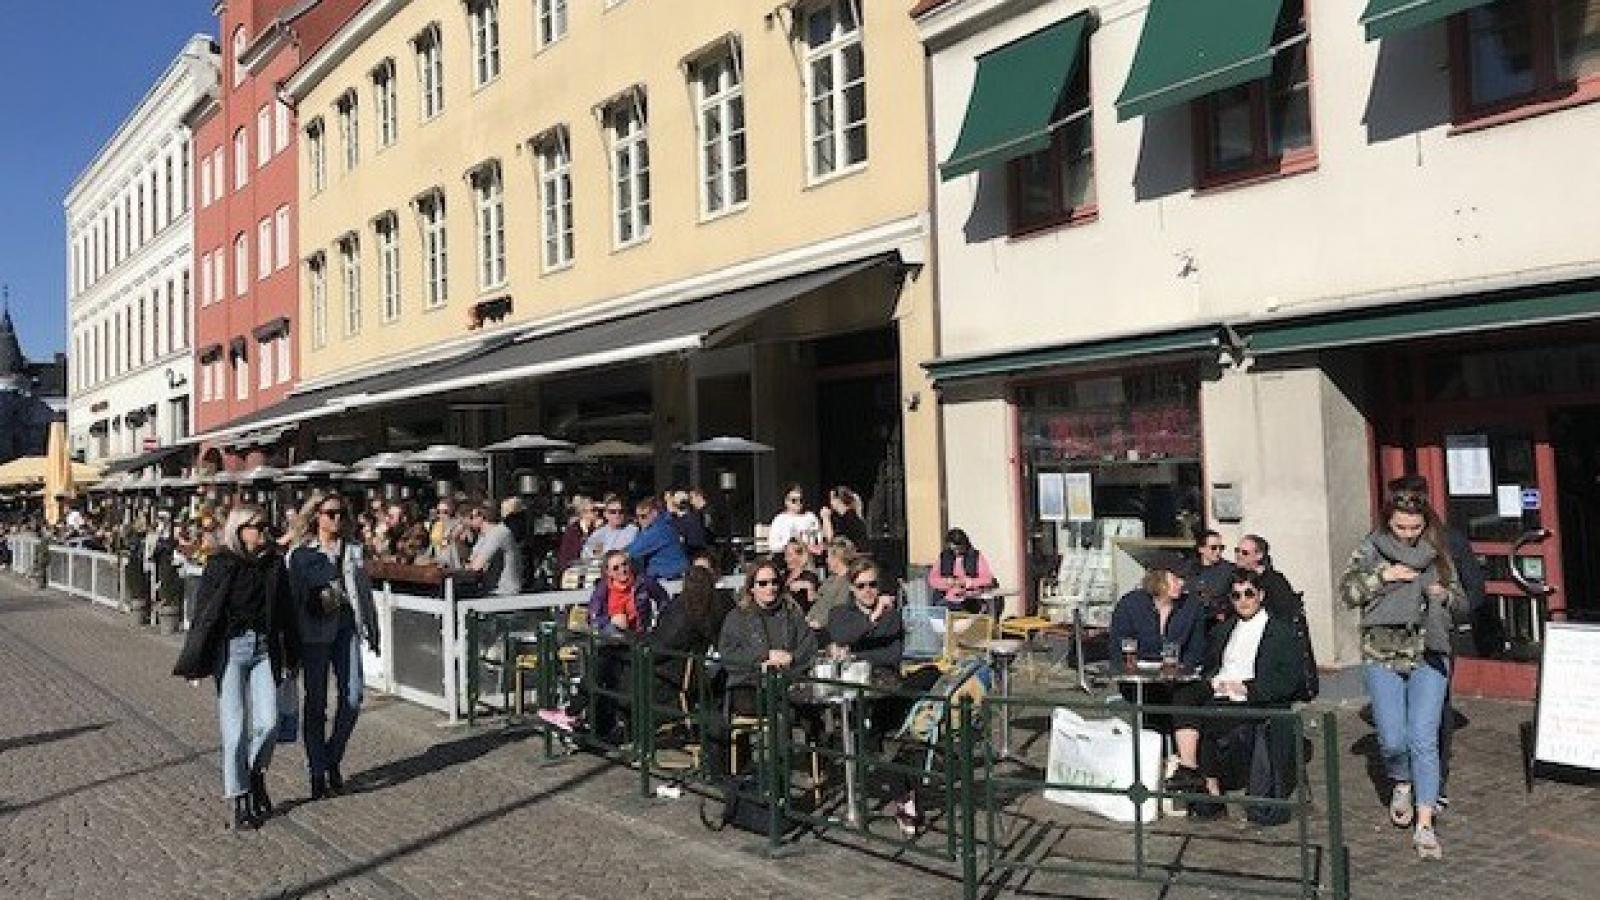 Gần 2.000 ca tử vong do Covid-19, Thụy Điển vẫn đi ngược xu hướng